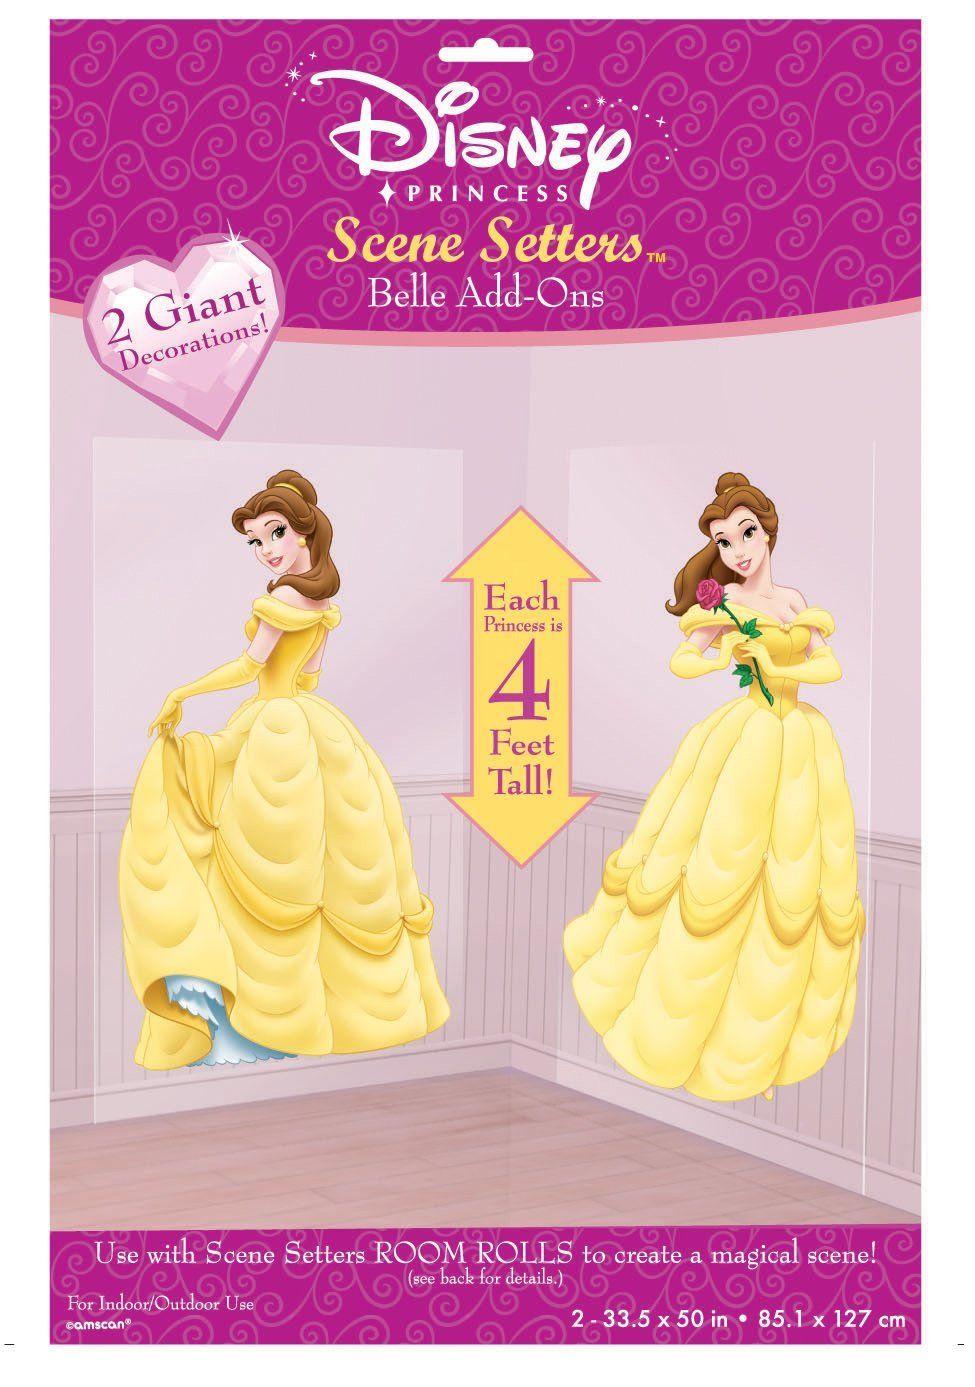 Disney Princess Scene Setters, Beauty The Beast Belle Add-Ons ...